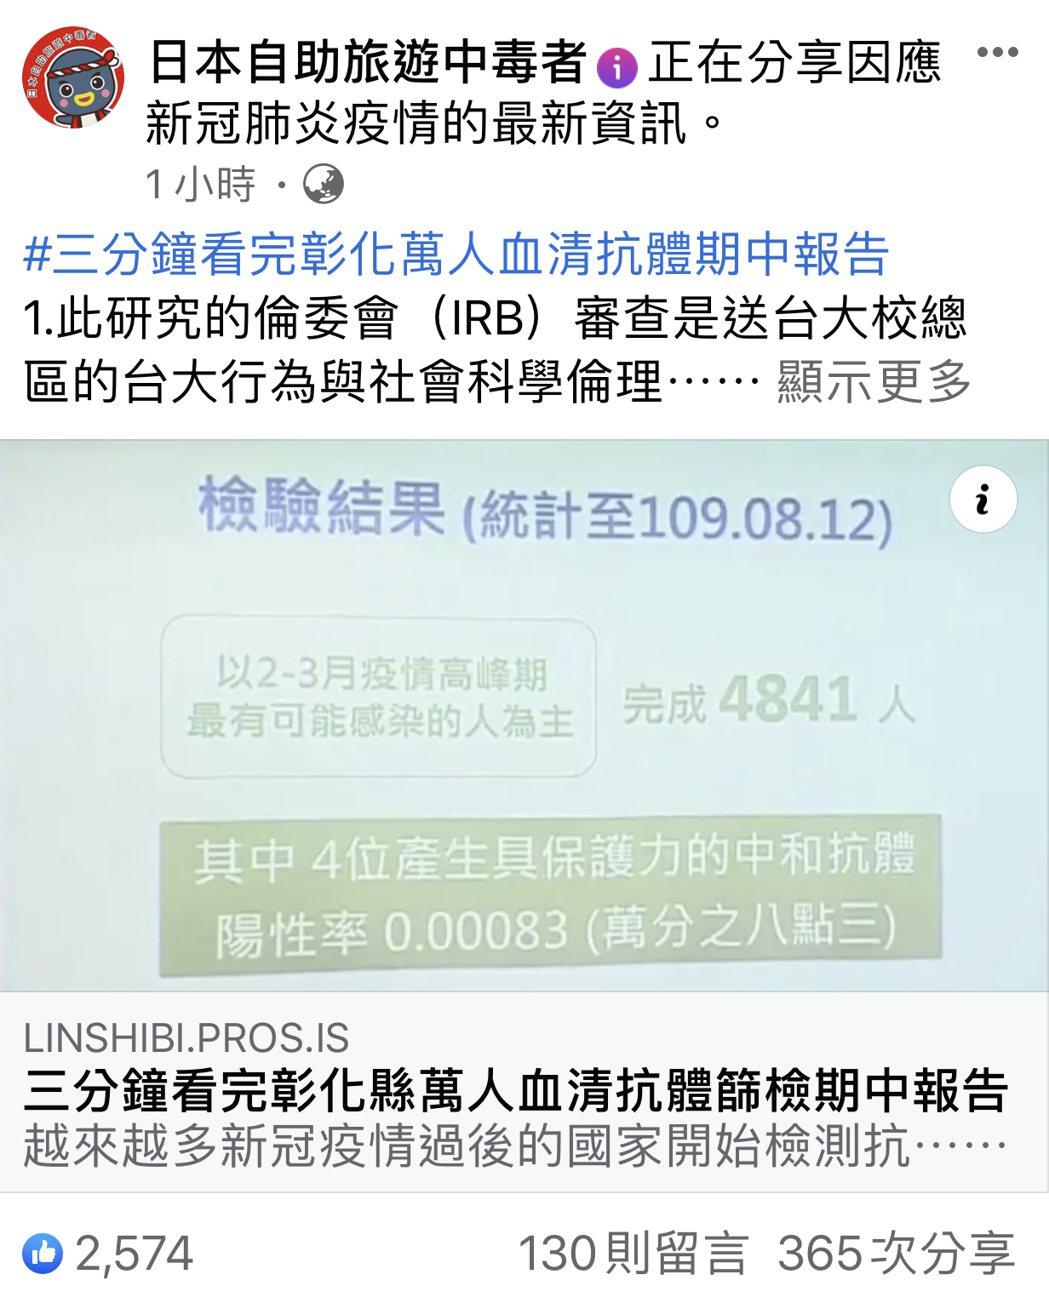 前台大感染科醫師孔祥琪在臉書上解析彰化血檢。圖/取自臉書